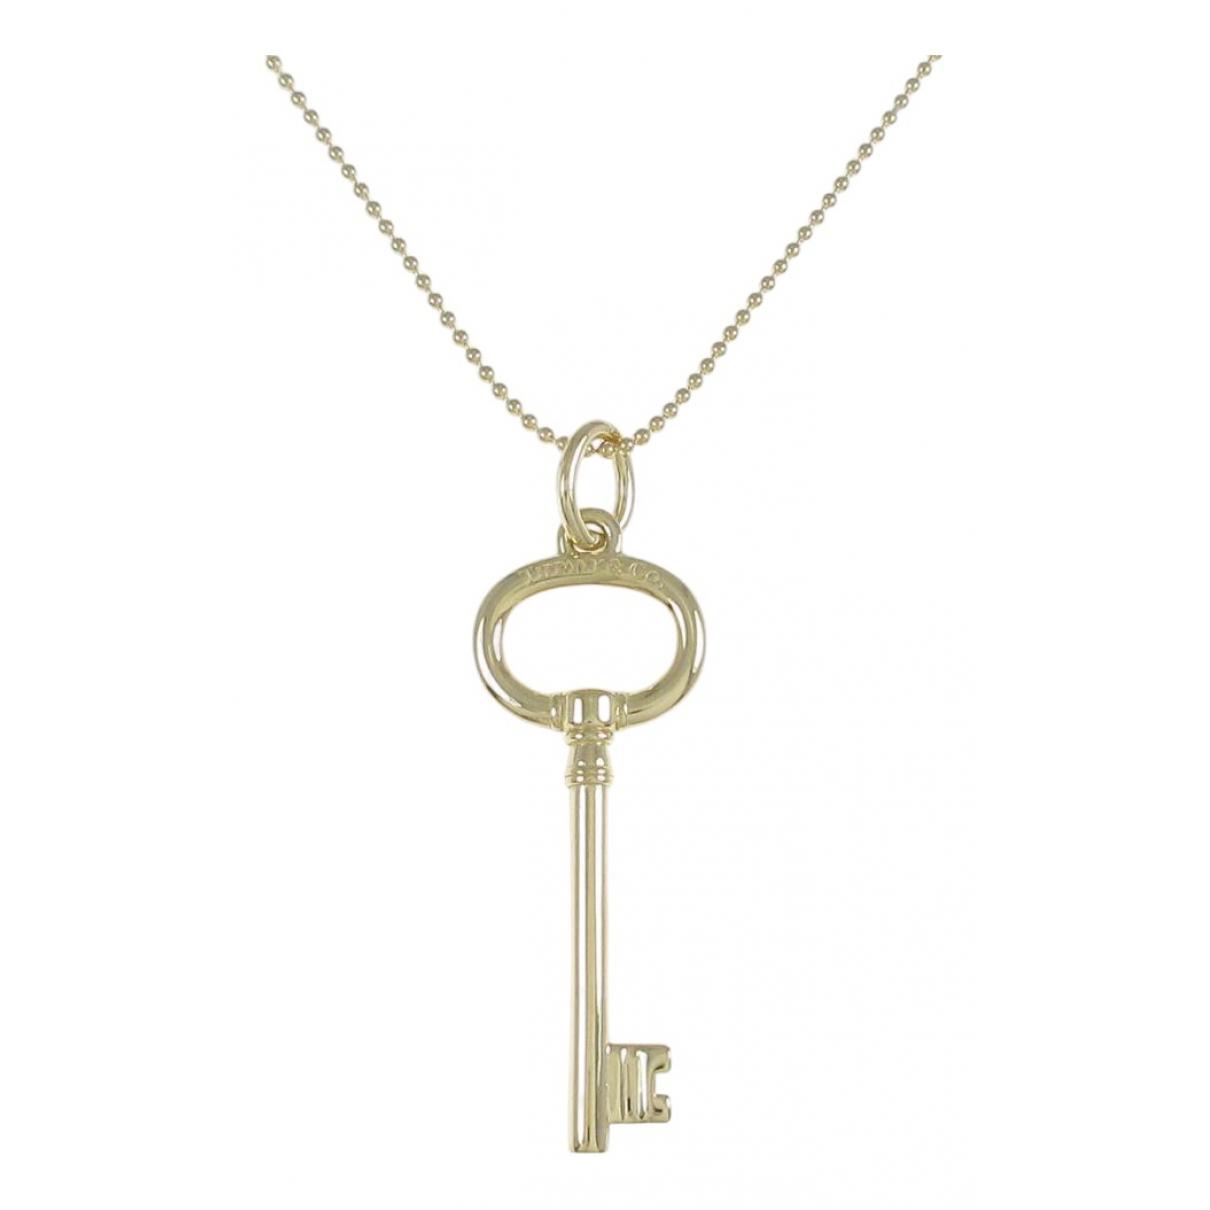 Tiffany & Co - Collier Cles Tiffany pour femme en or jaune - dore